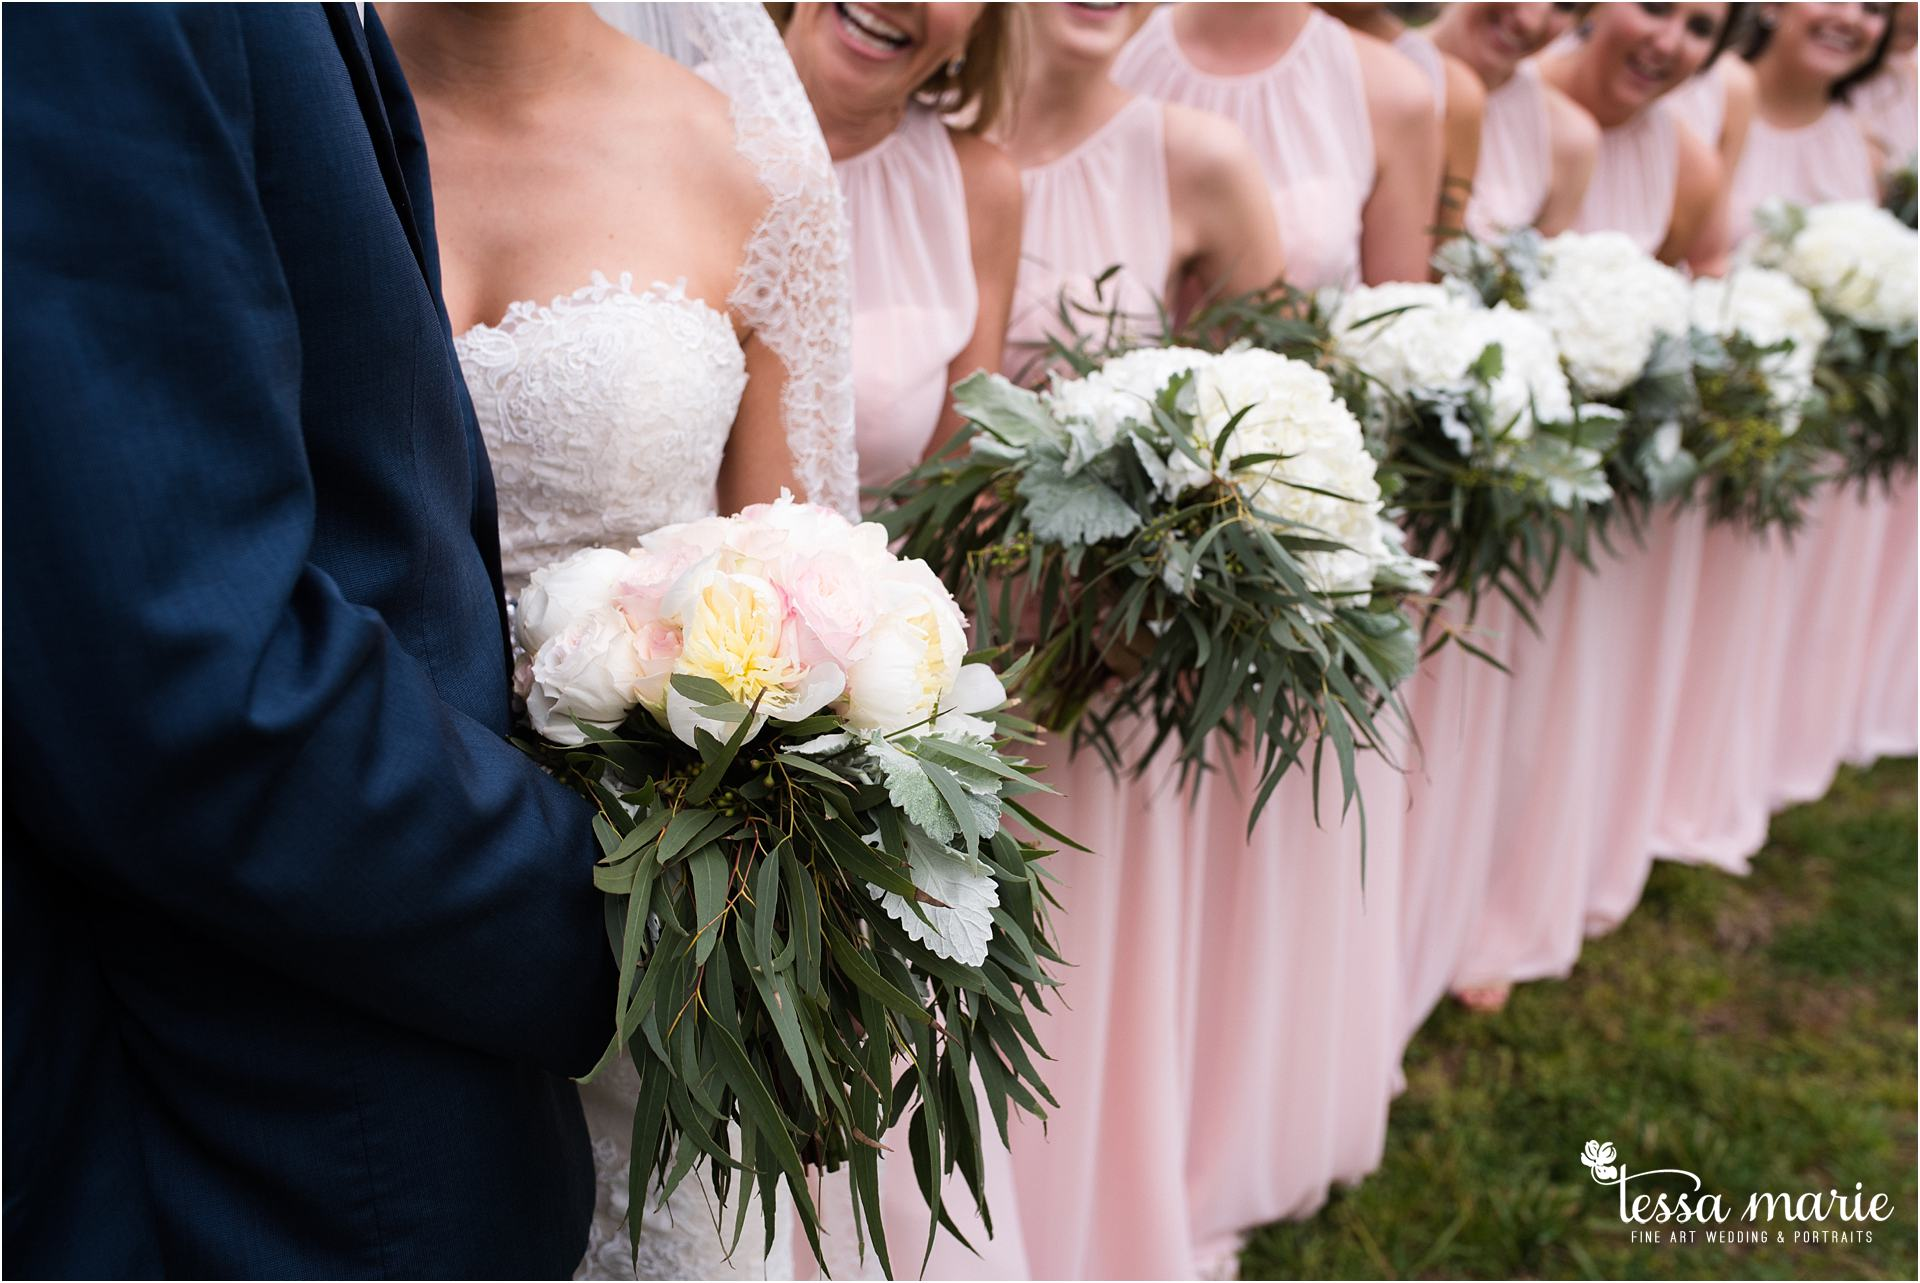 032216_brittany_kevin_wedding-92